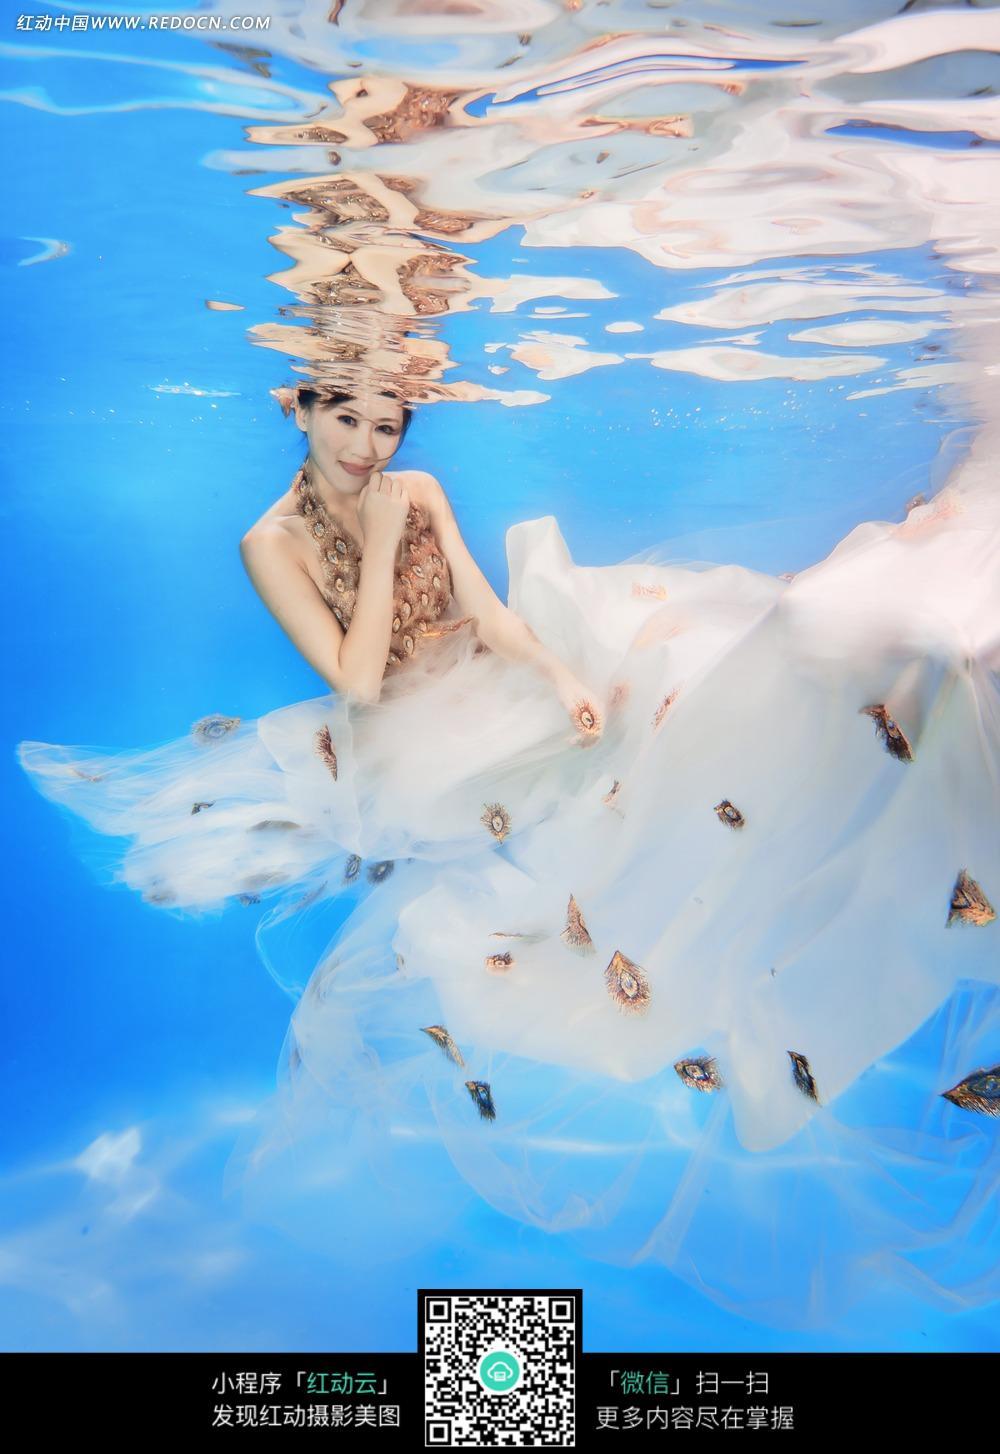 水中长裙美女婚纱摄影图片